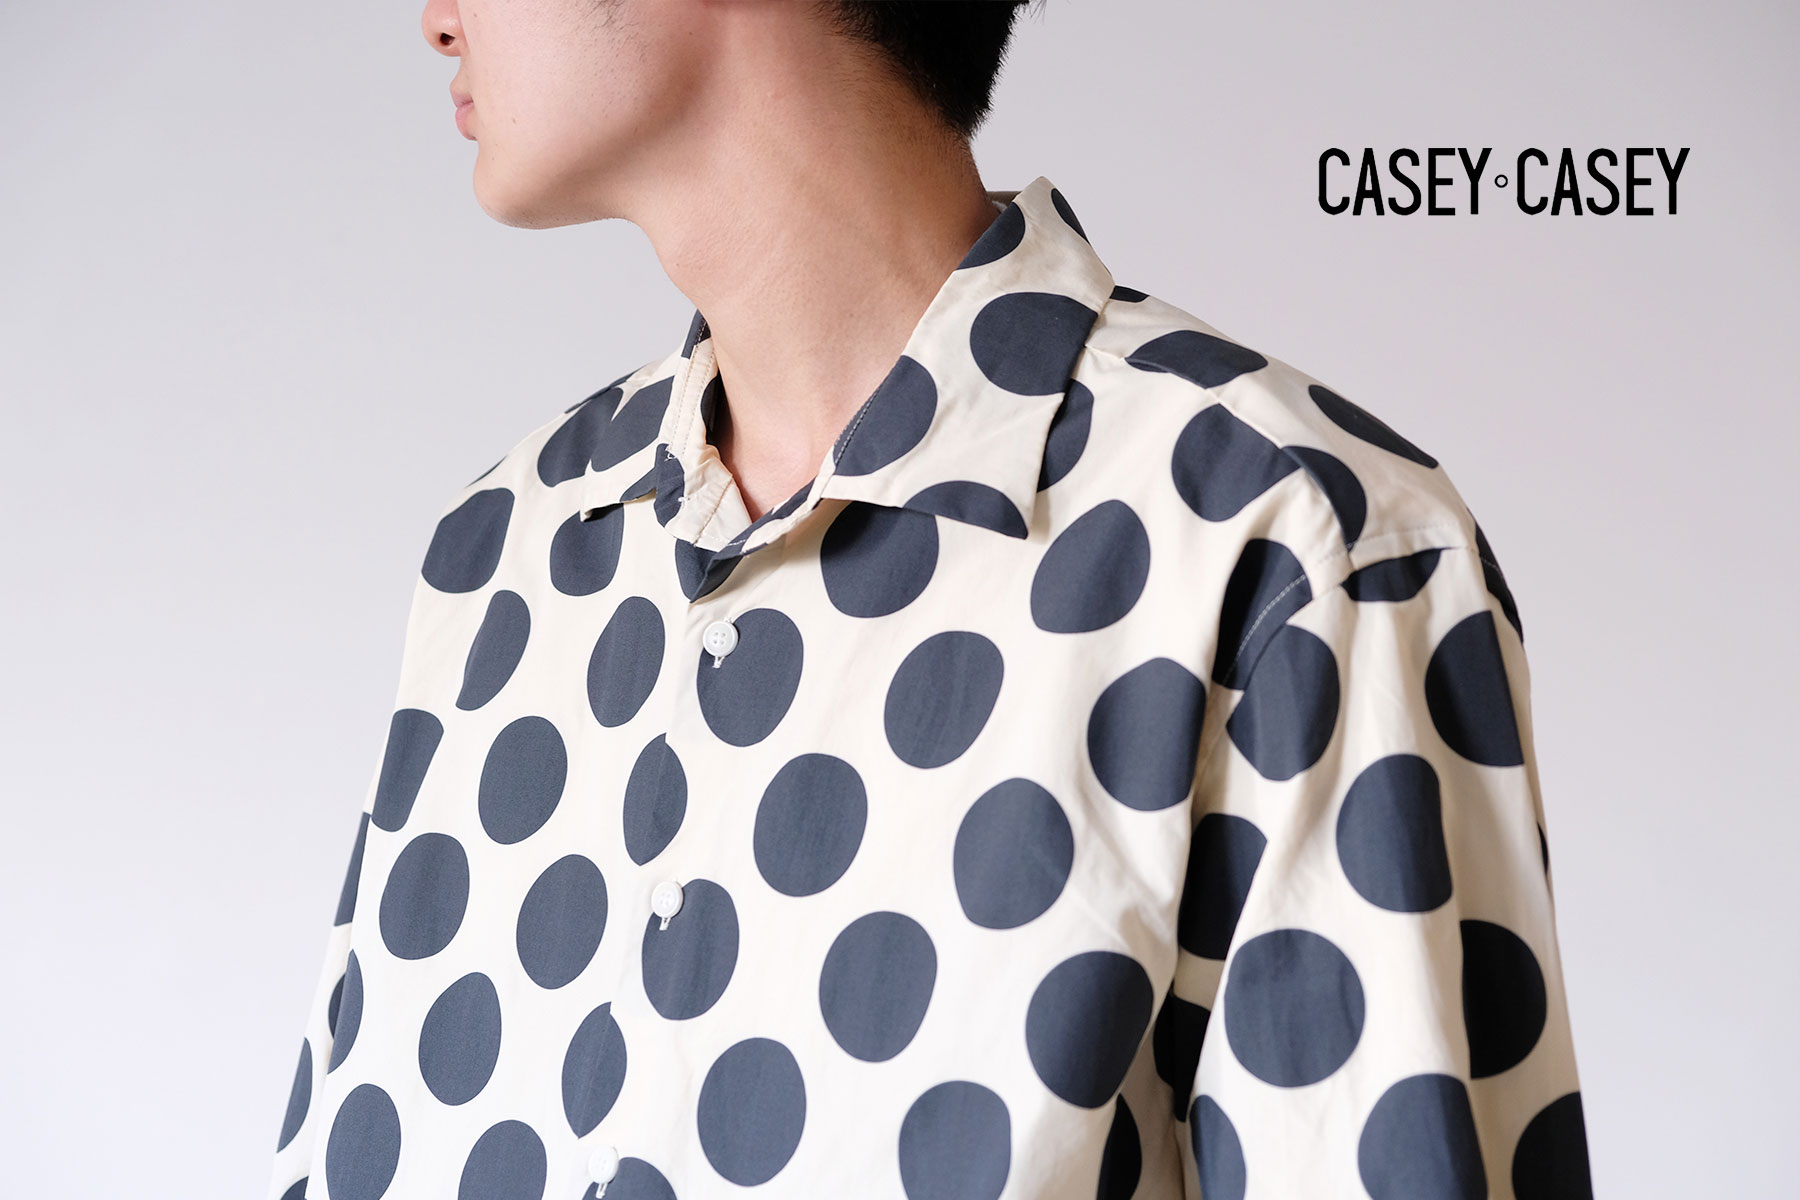 CASEY CASEY|ケイシーケイシー 20AW Vol,1